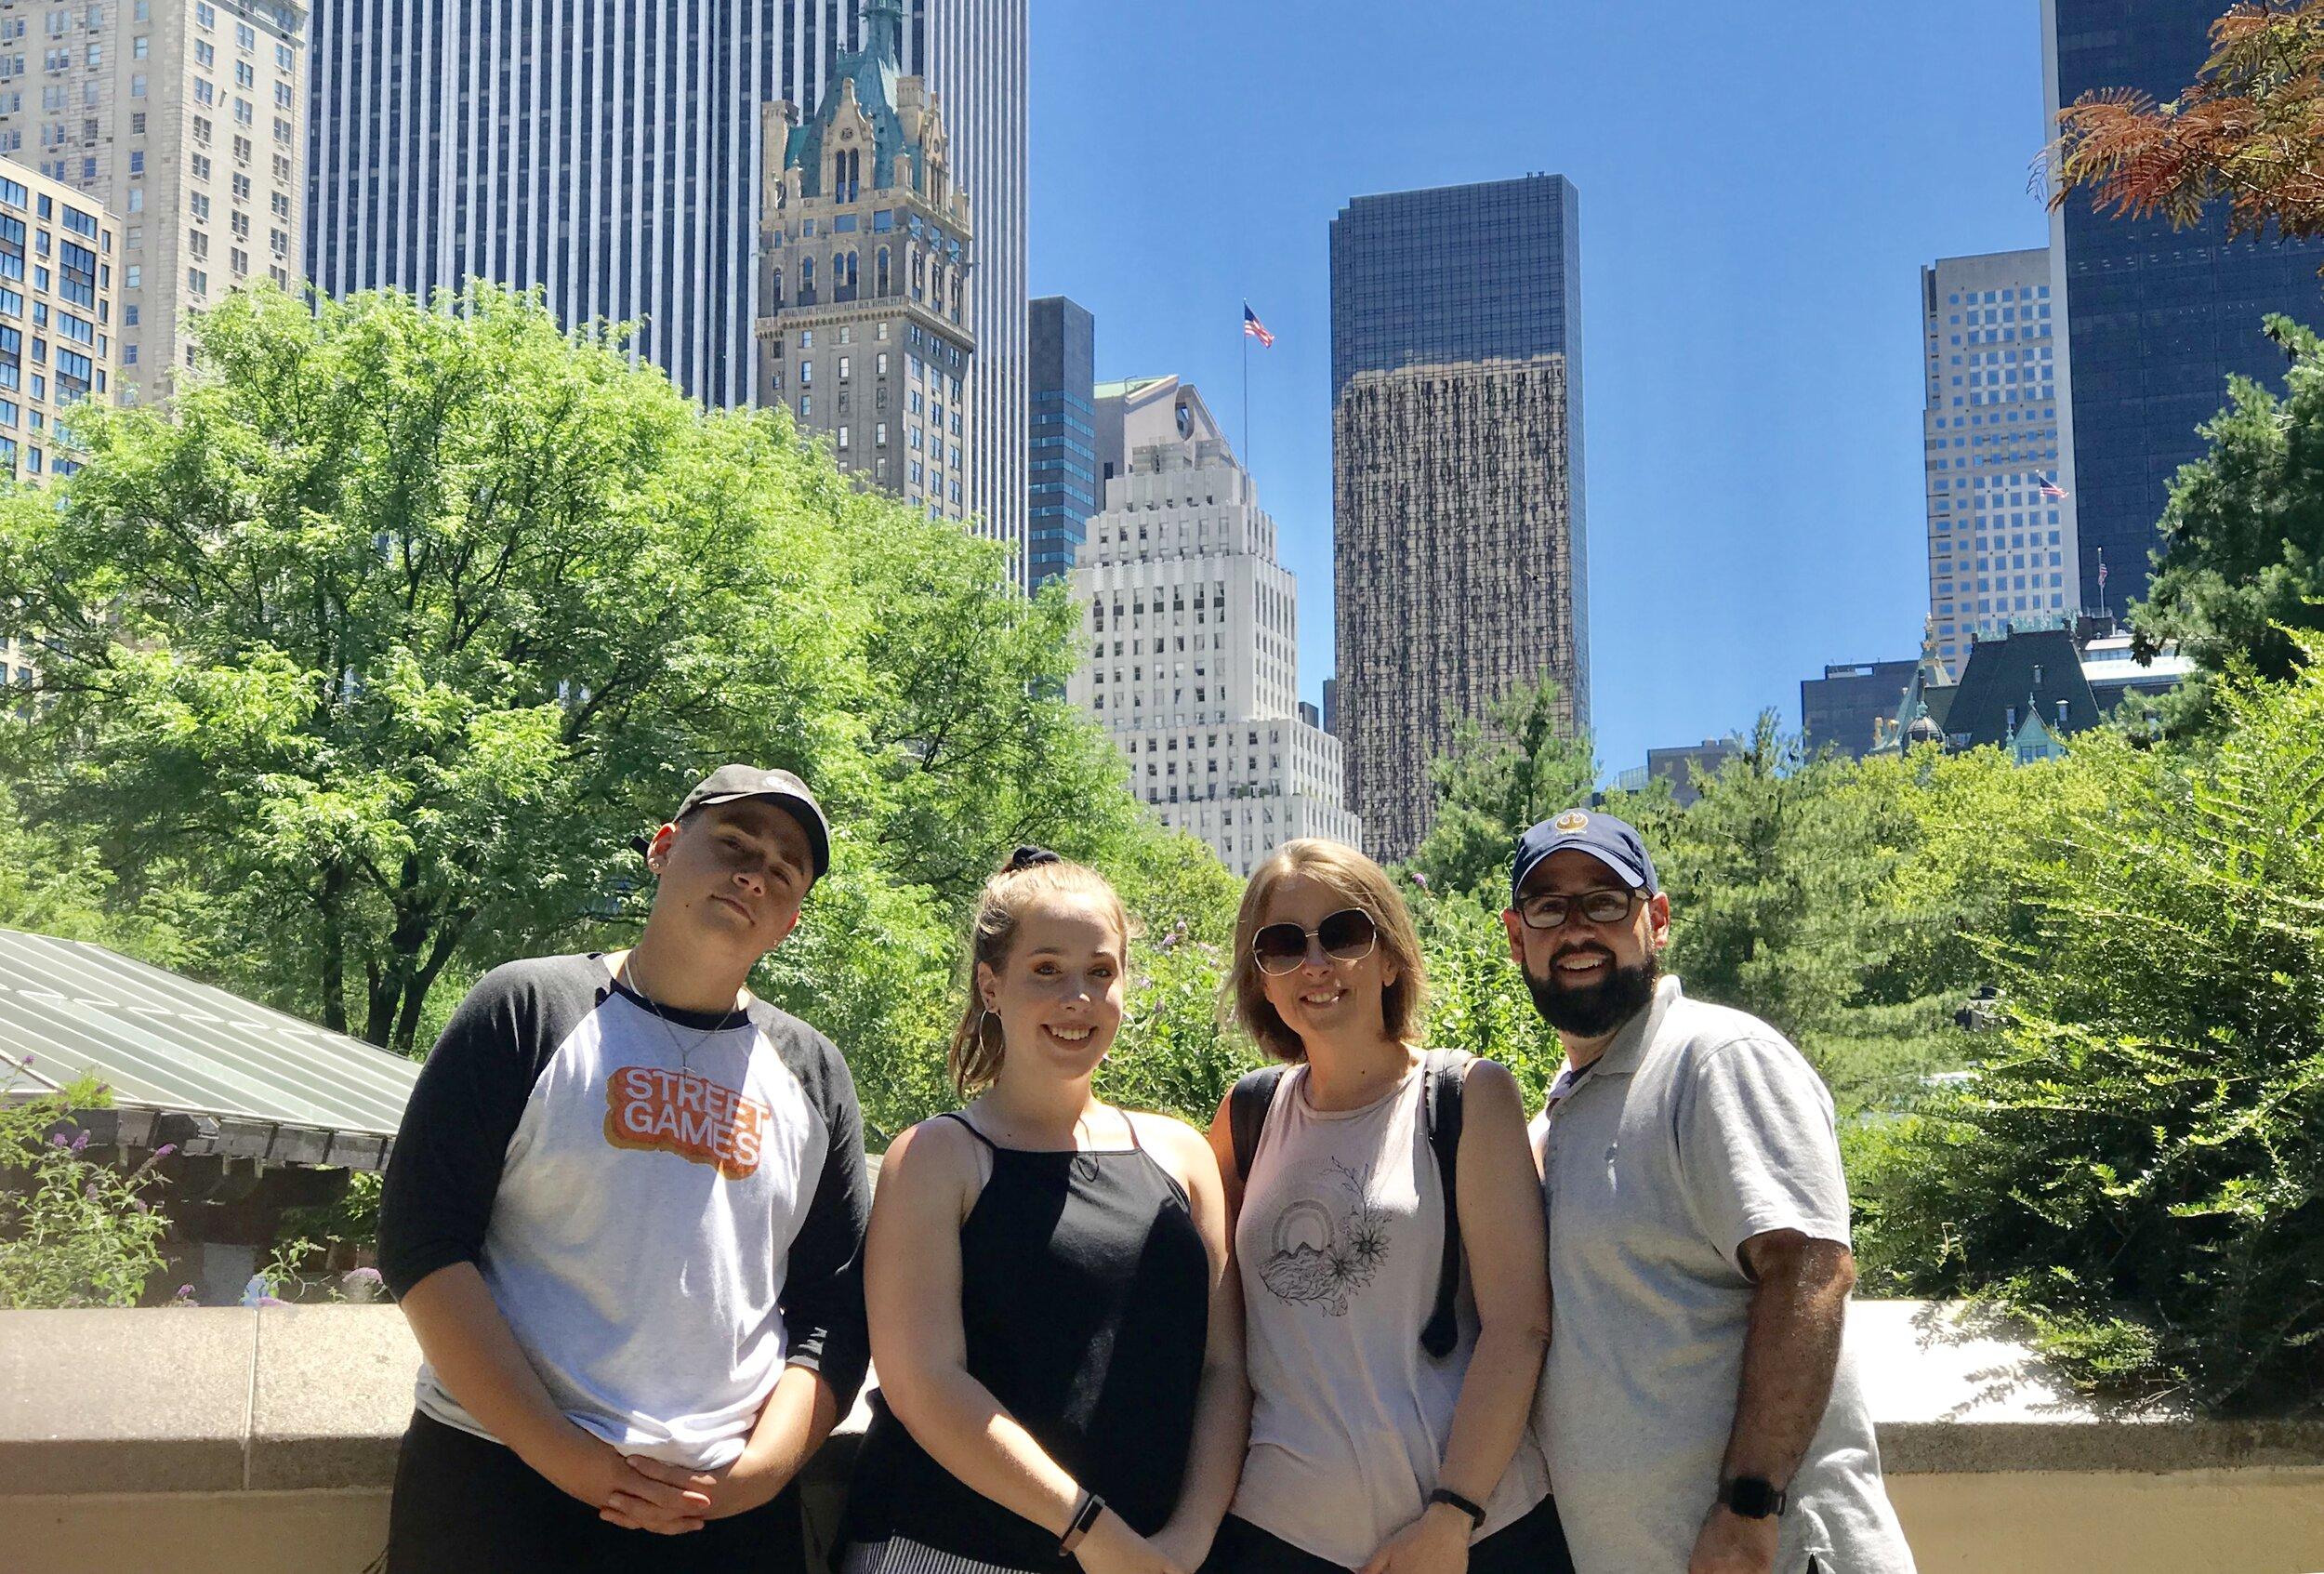 The Johnson family: Noah, Paige, Kerri, and Josh